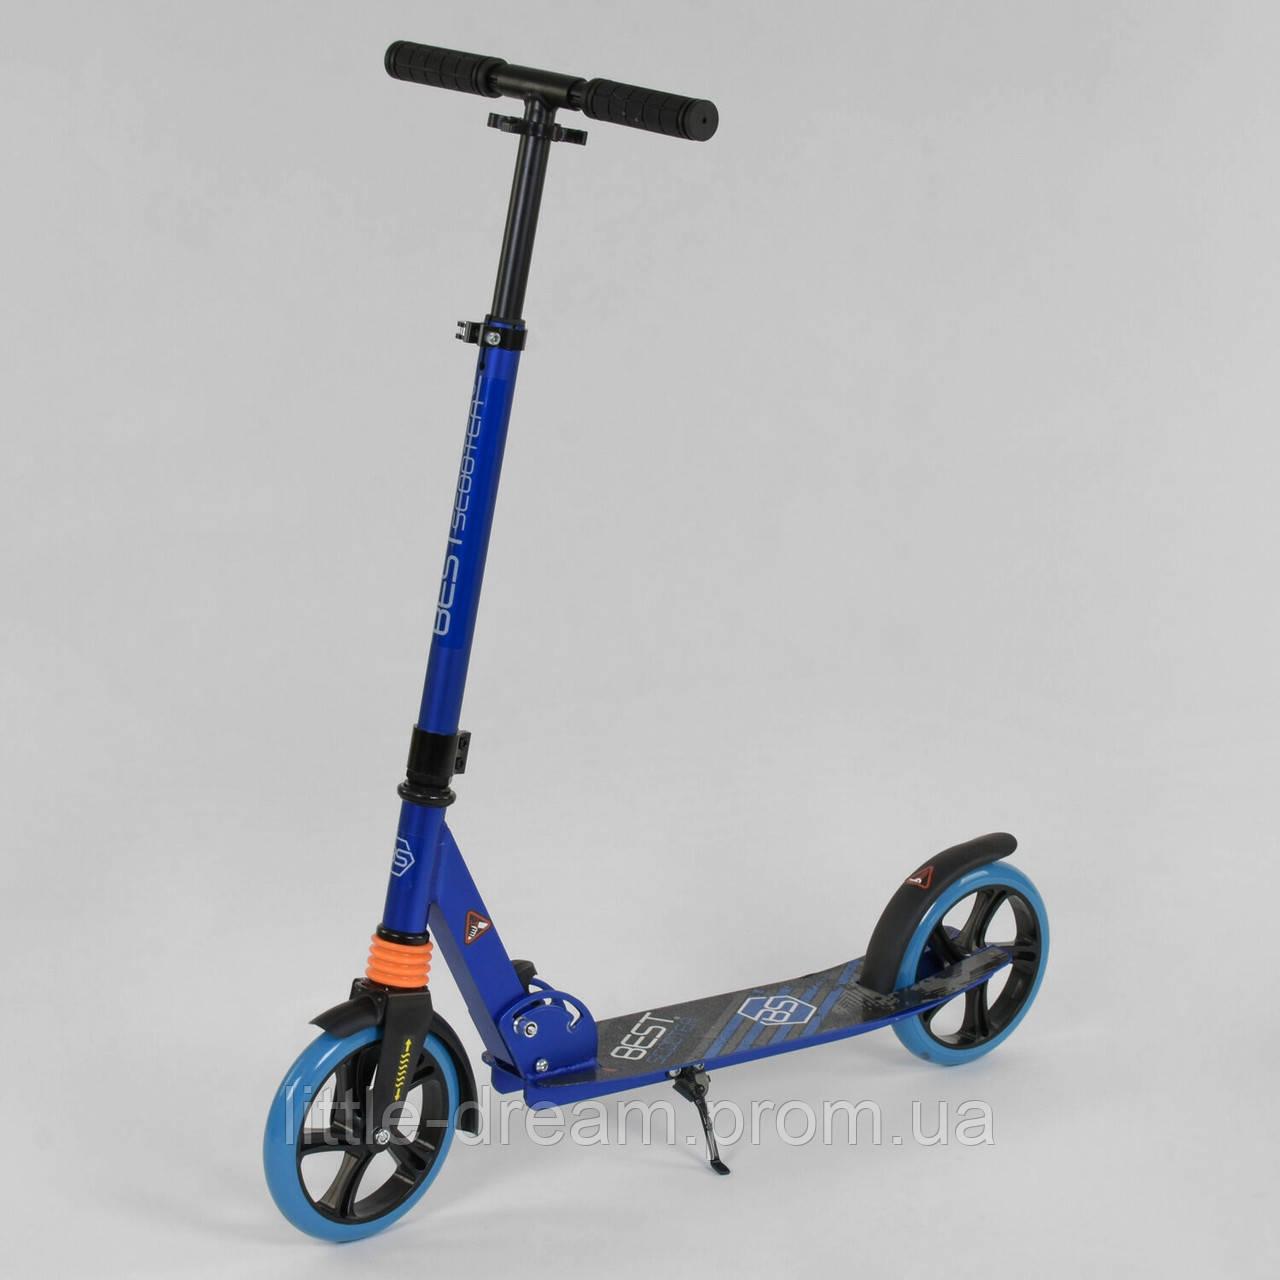 Самокат двухколесный Best Scooter 200681 Синий